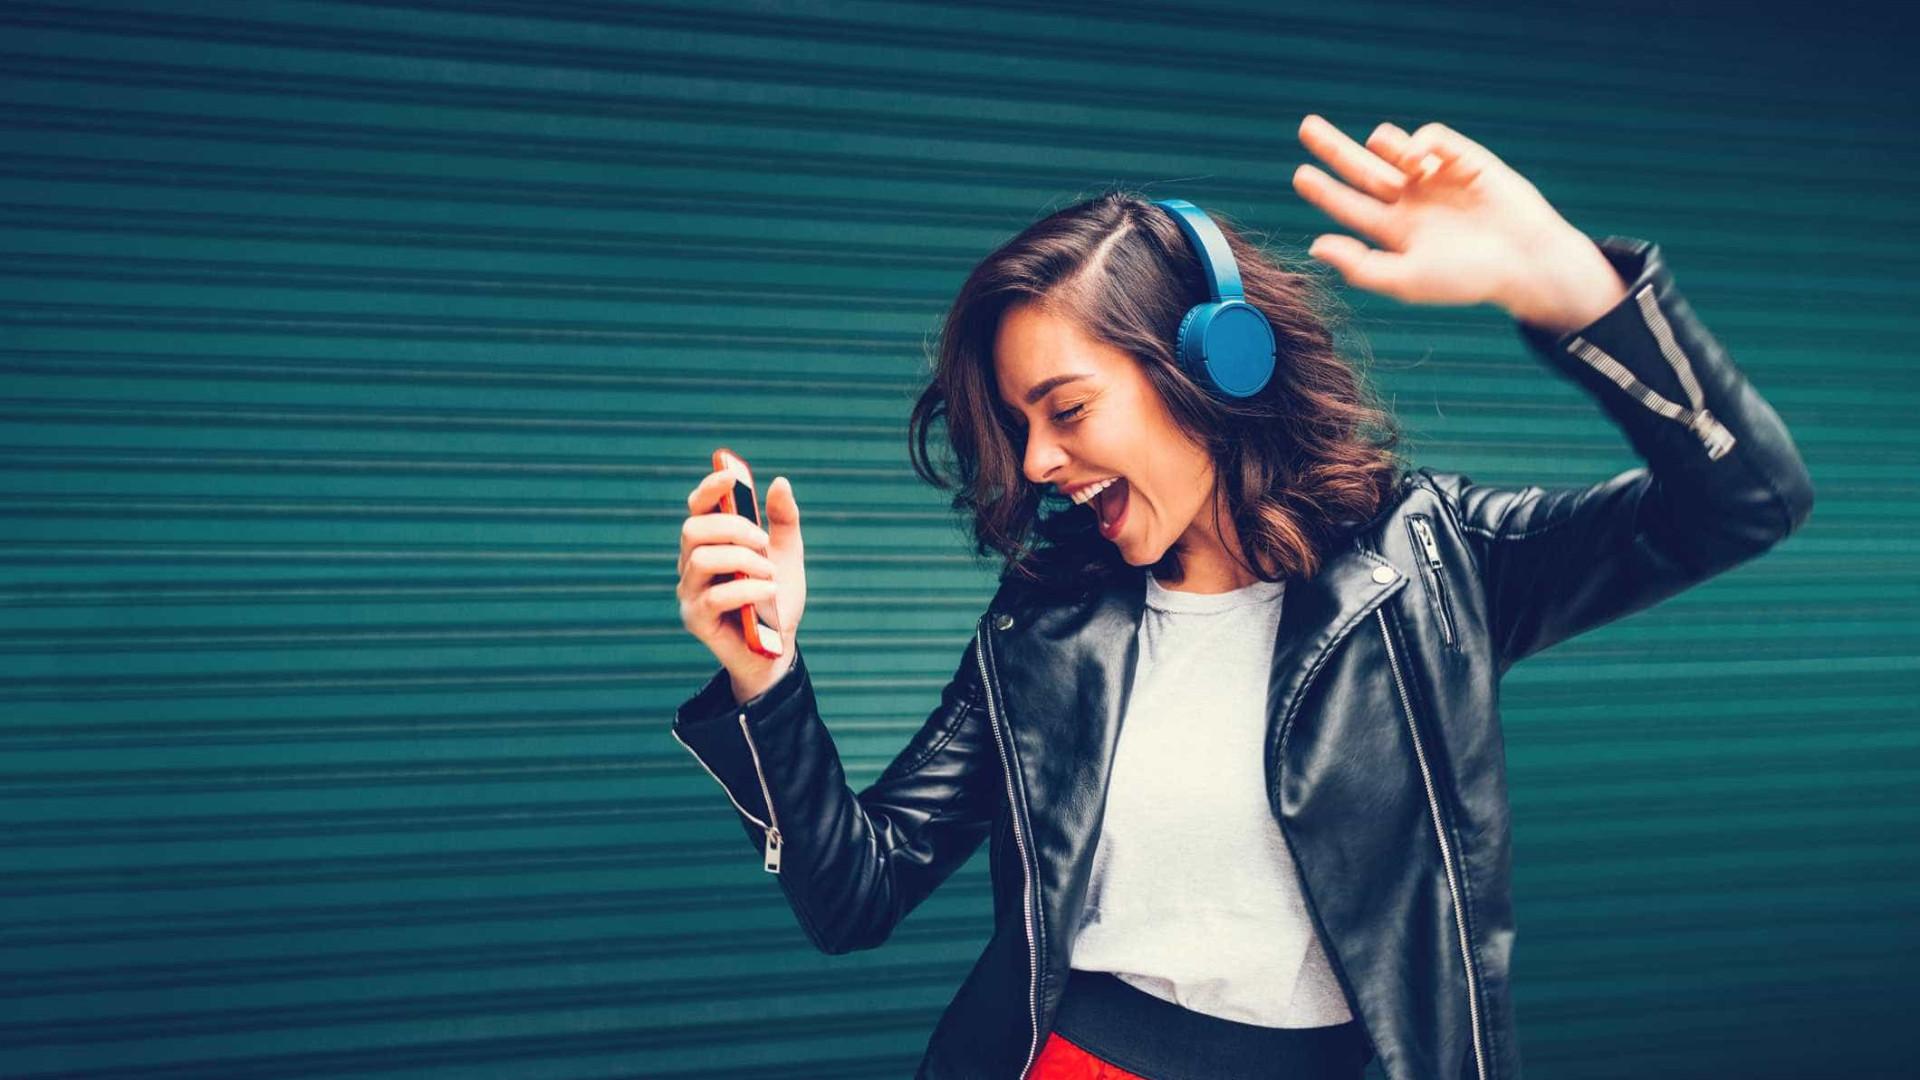 Apple quer saber quem serão os músicos do futuro